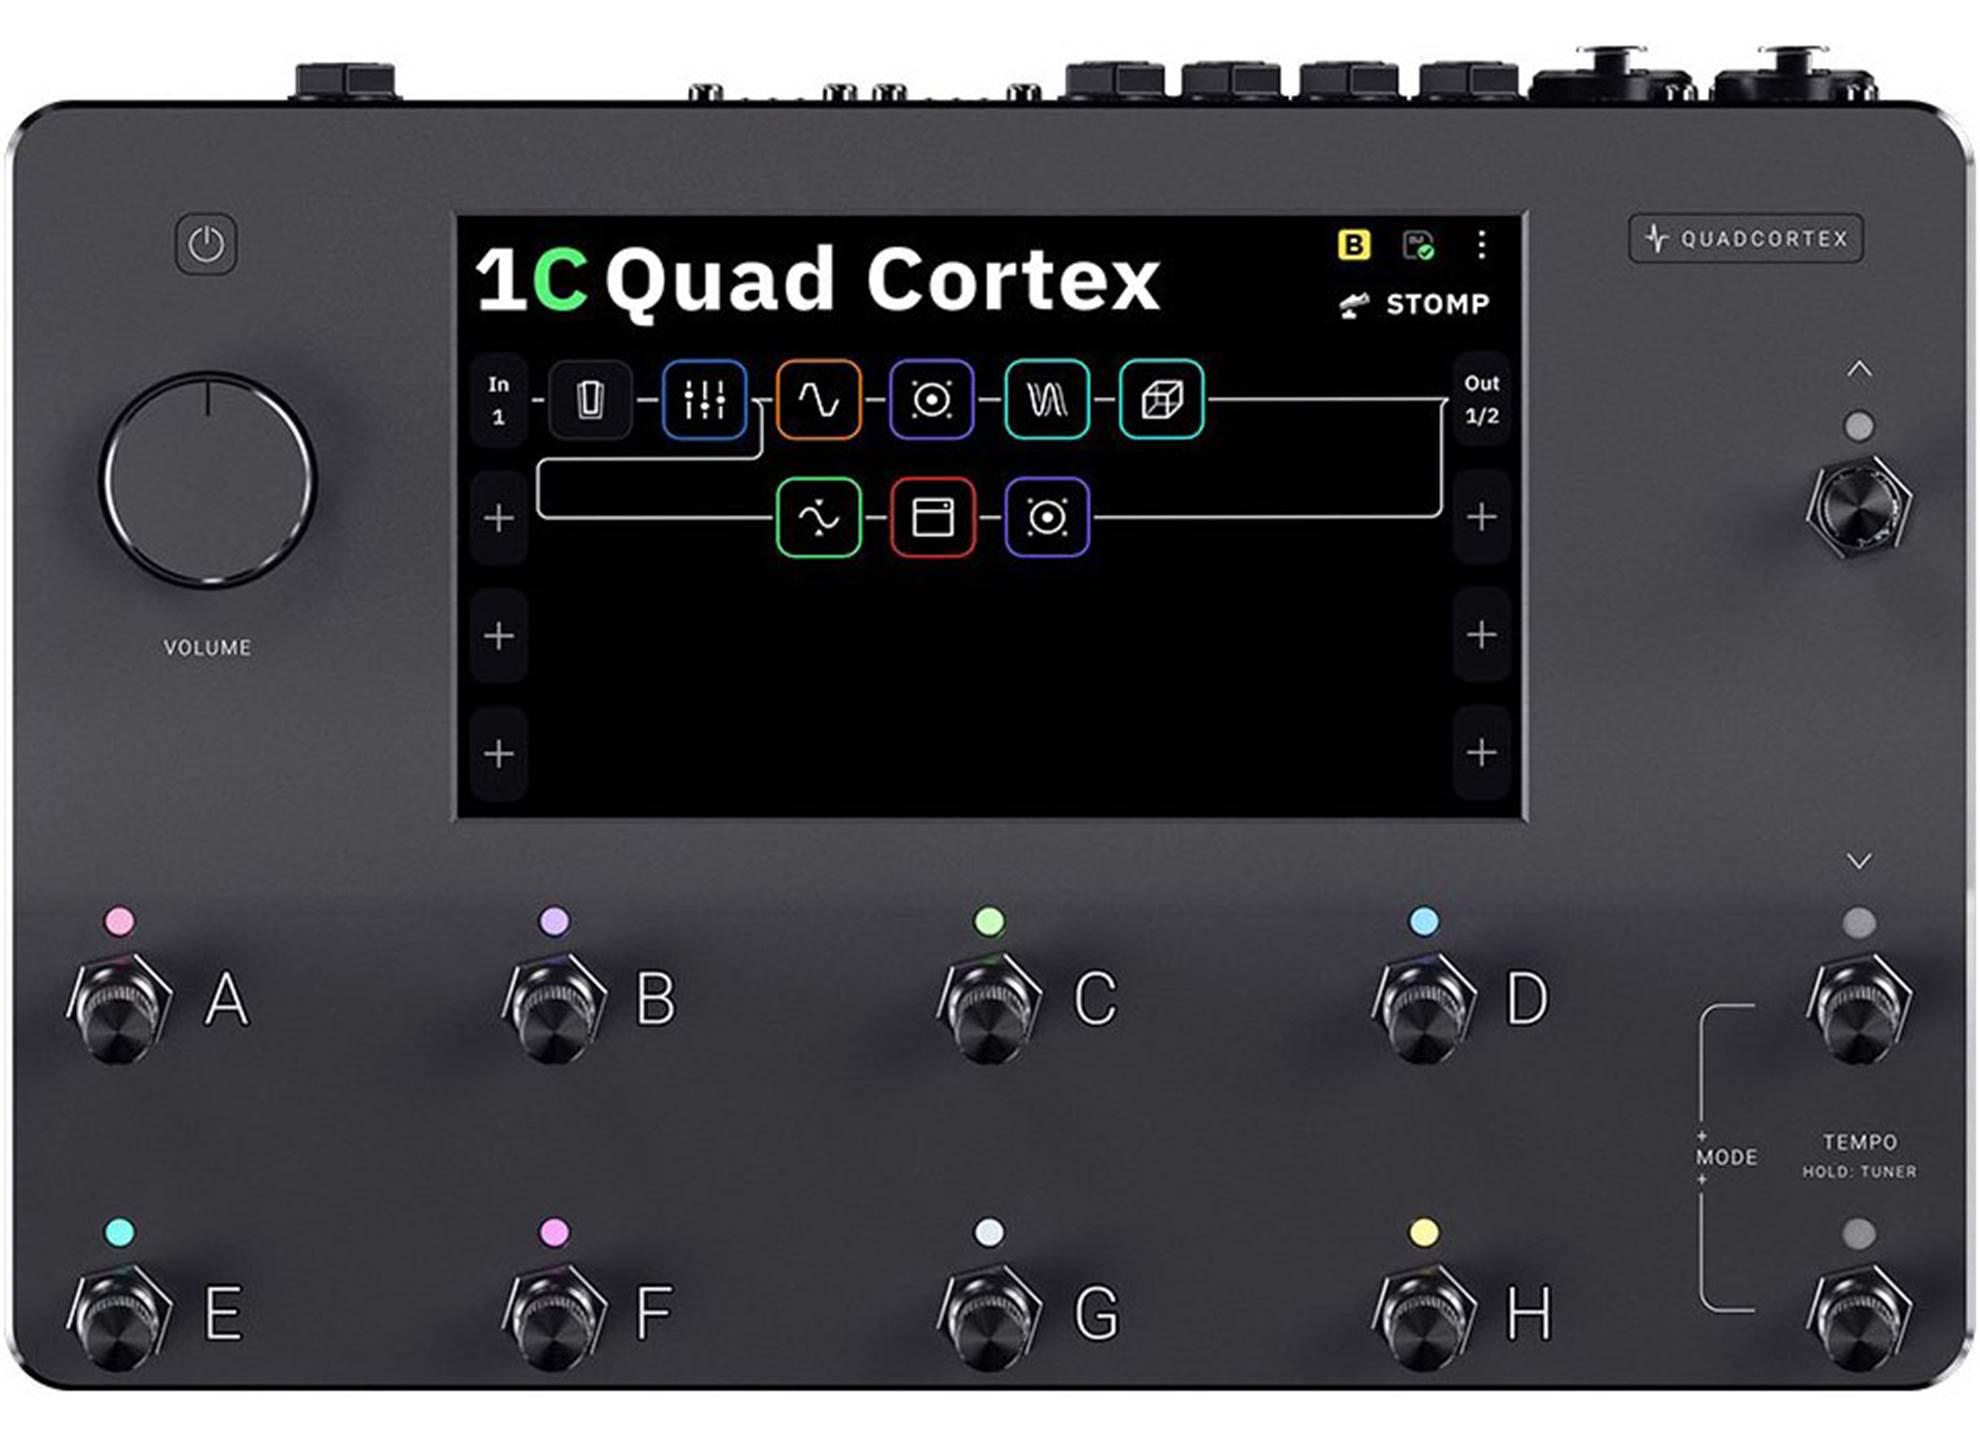 Quad Cortex